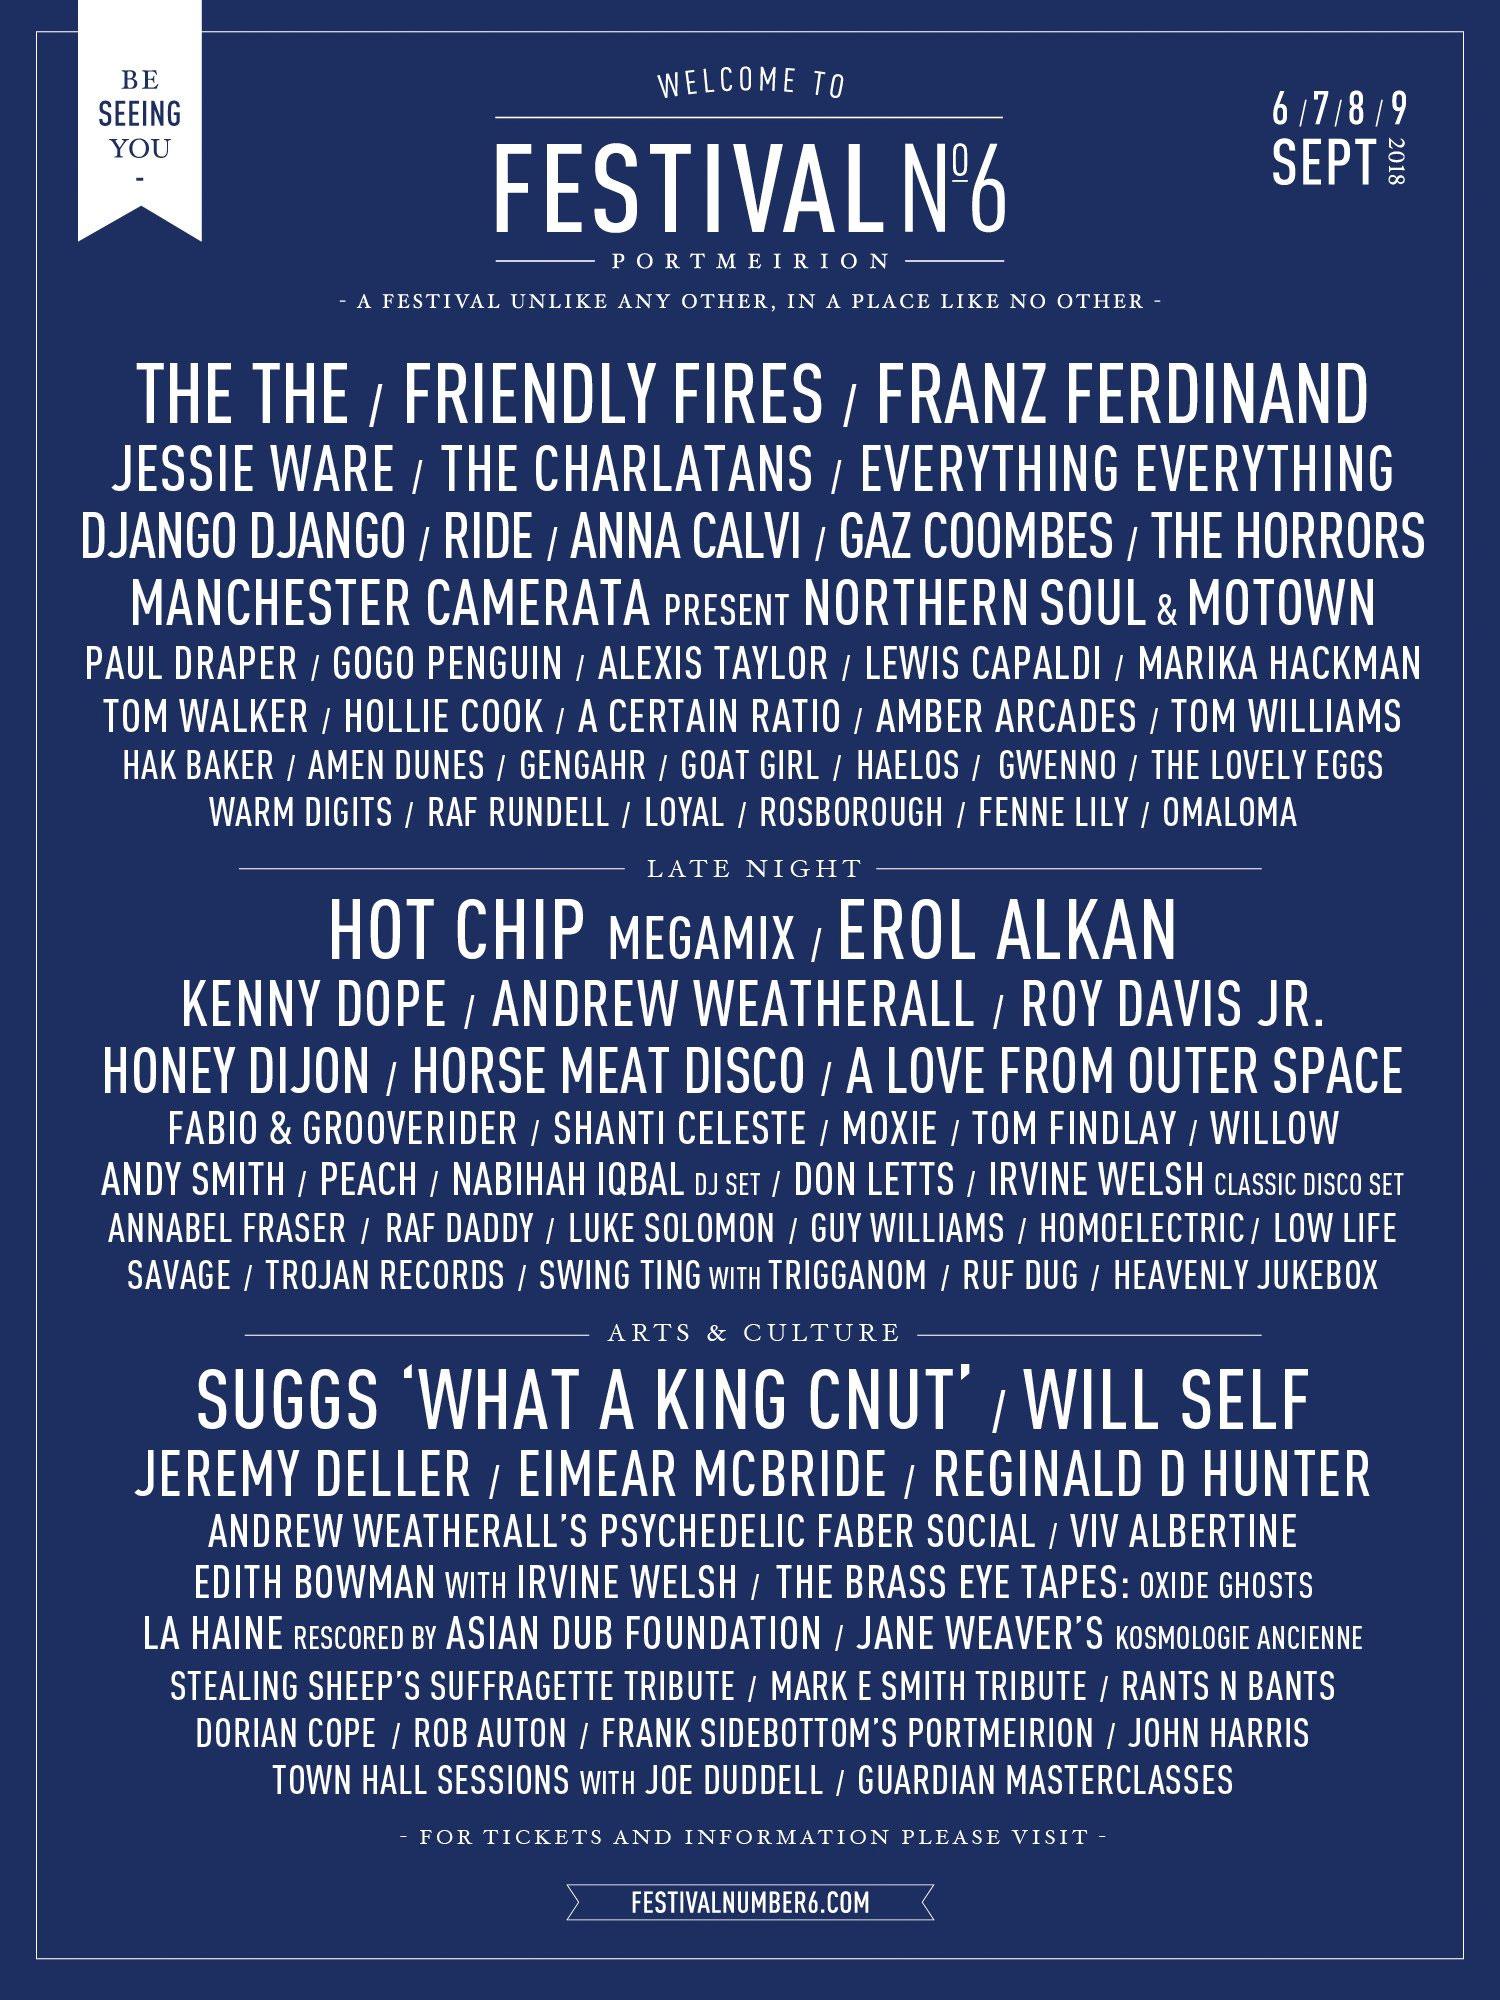 Festival No. 6 line-up 2018